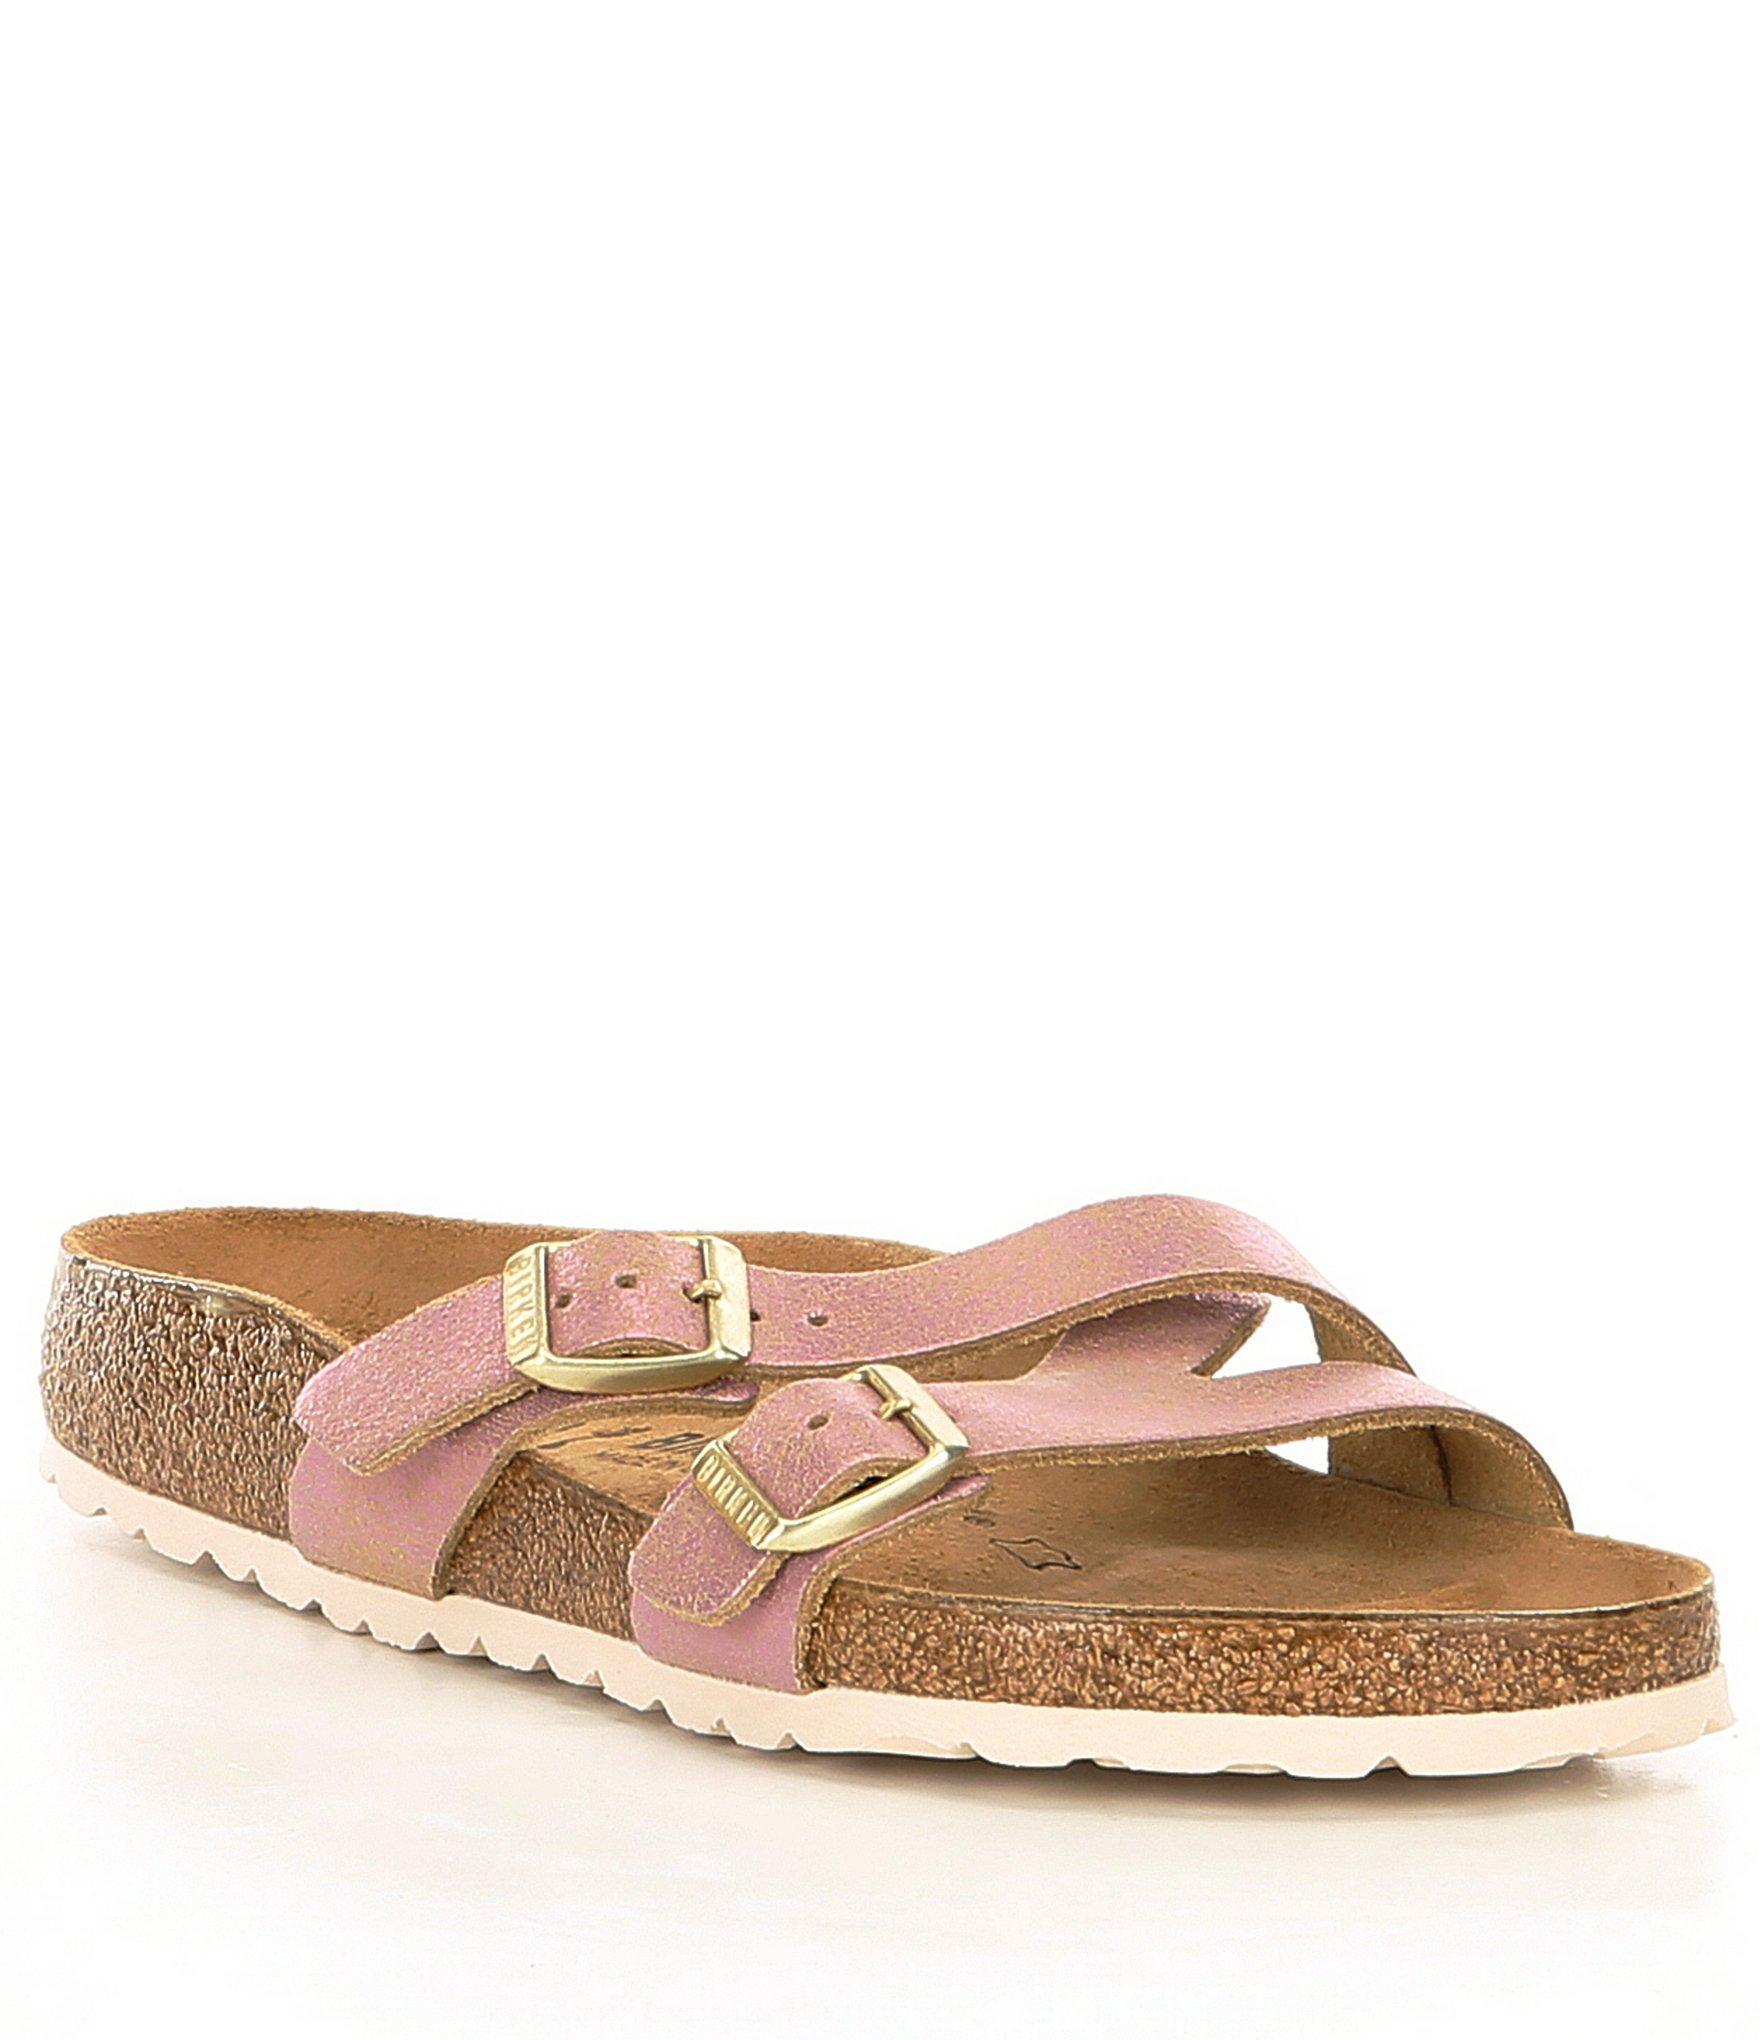 aaf5c057092 Lyst - Birkenstock Women s Yao Washed Metallic Slide Sandals